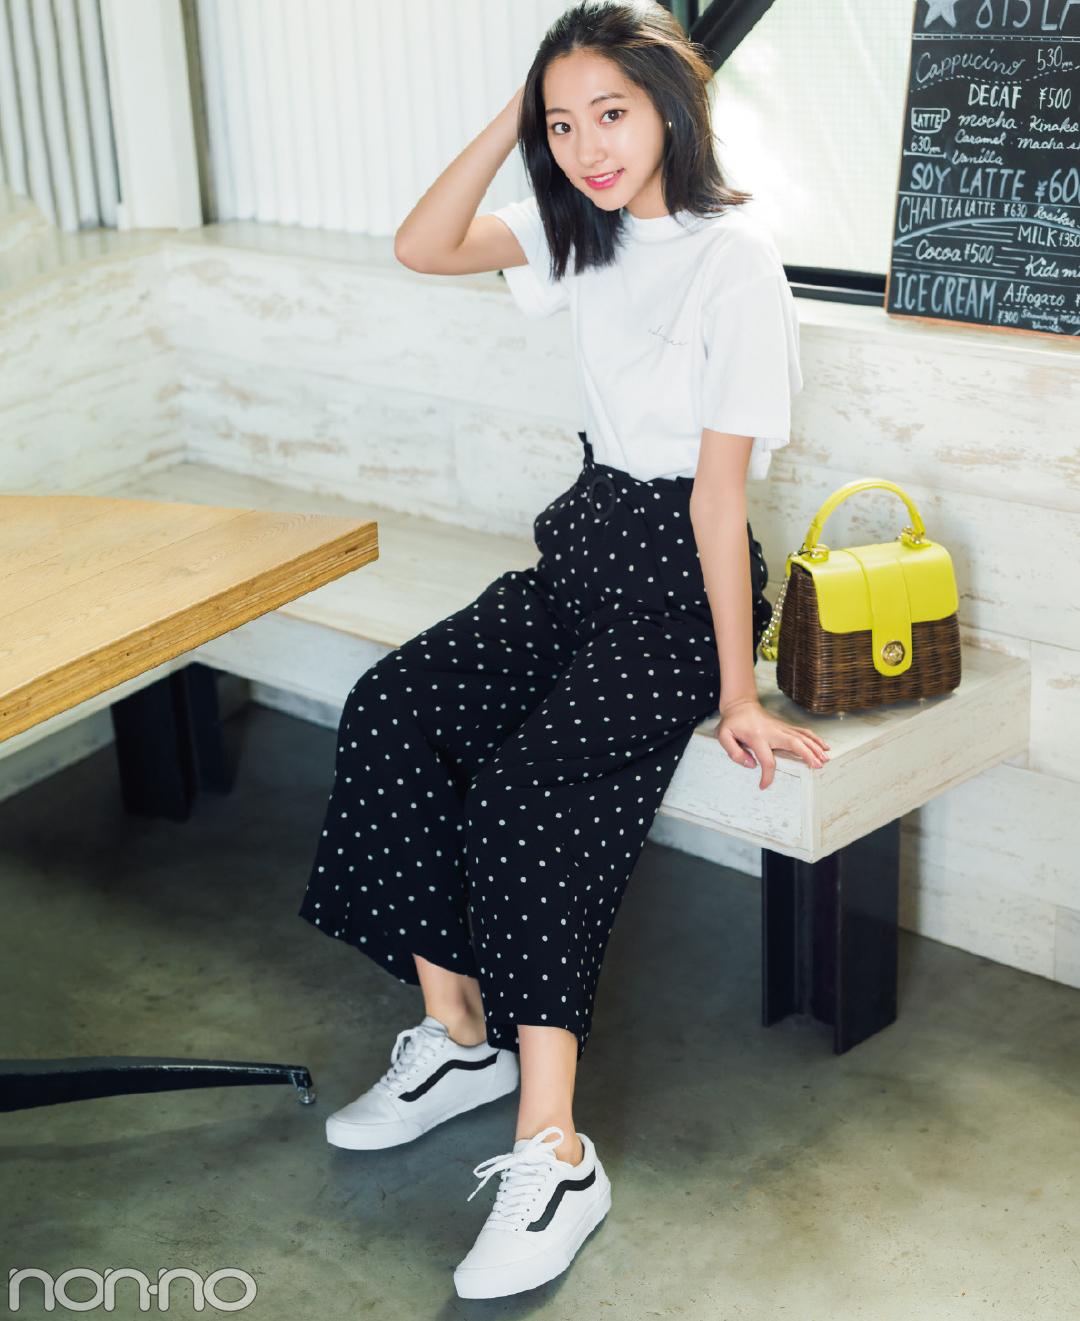 【夏のTシャツコーデ】武田玲奈は、白Tシャツ×ドットワイドパンツで大人カジュアル